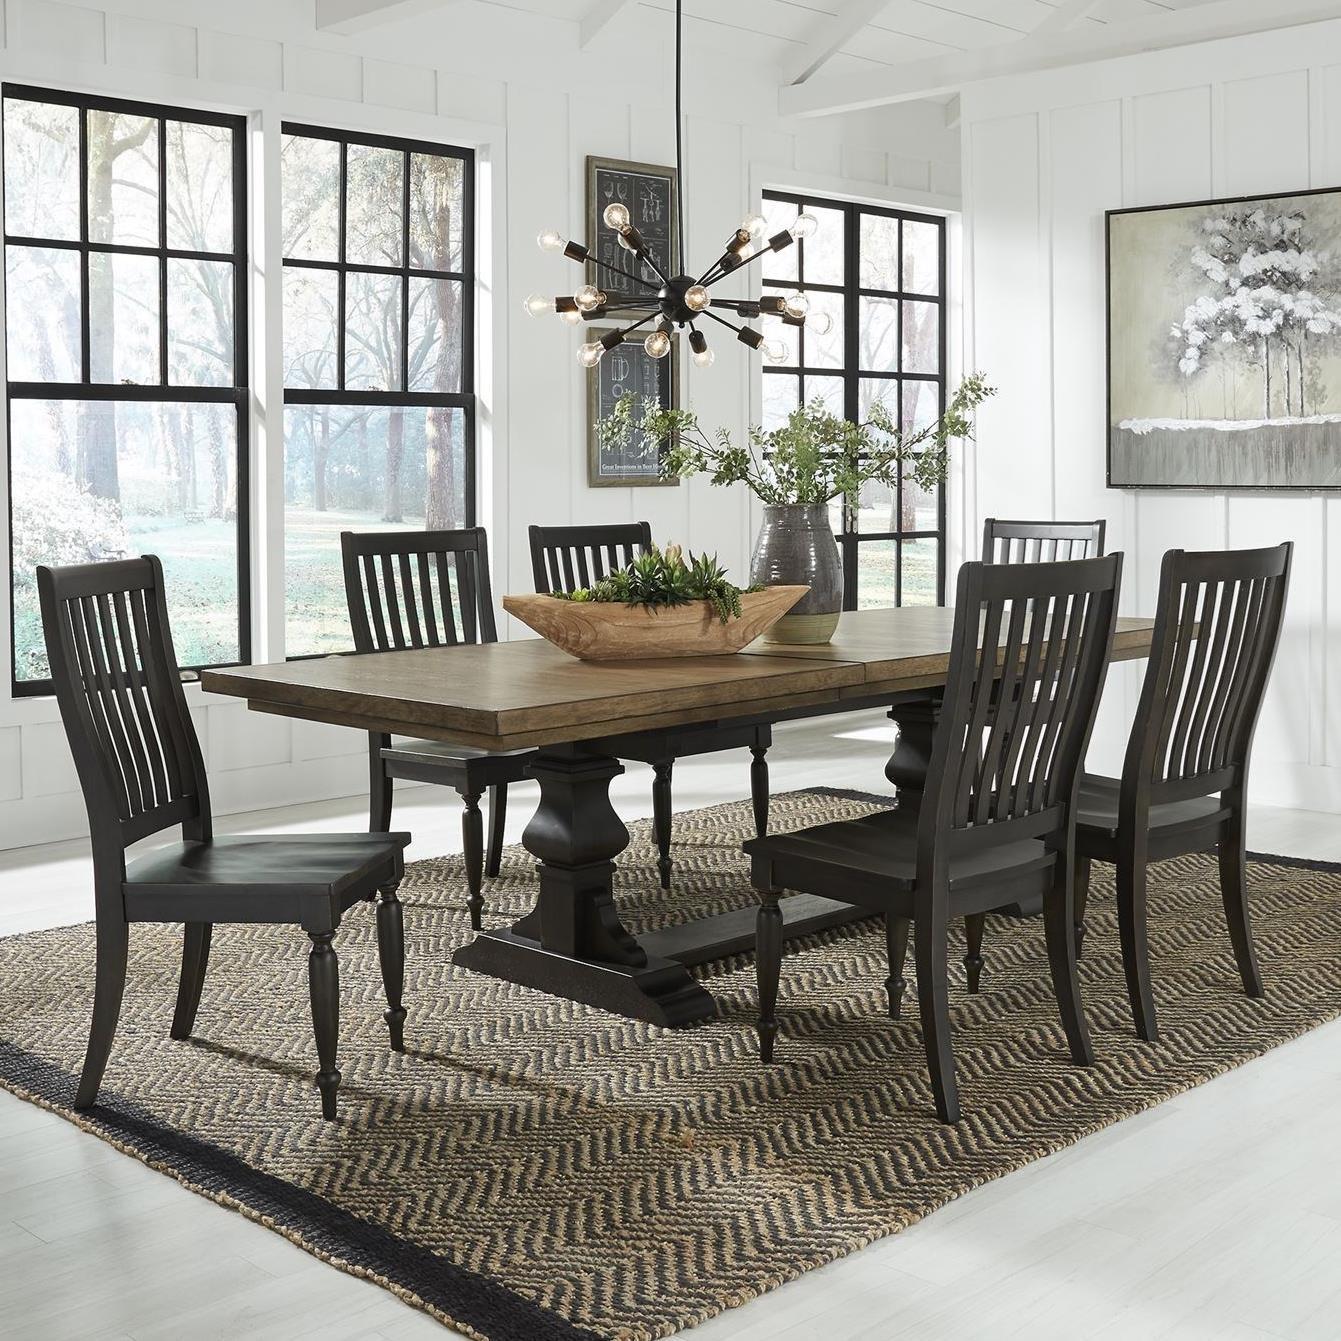 7-Piece Trestle Table Set